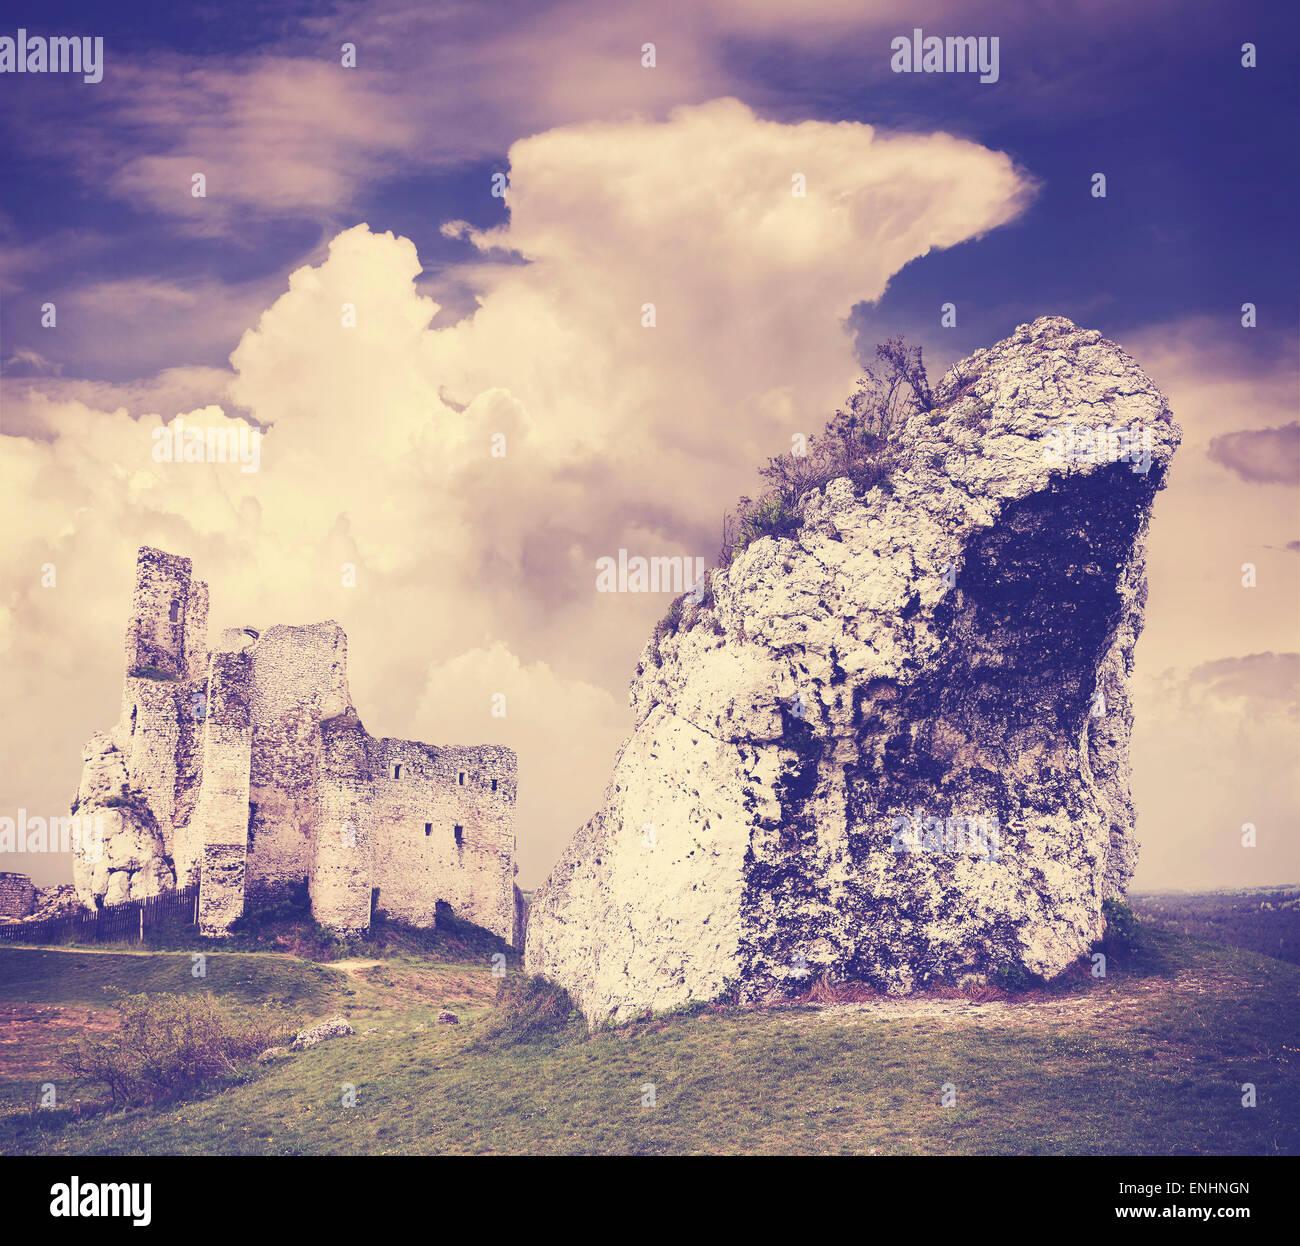 Filtra Vintage increíble formación rocosa y ruinas, Mirow en Polonia. Imagen De Stock